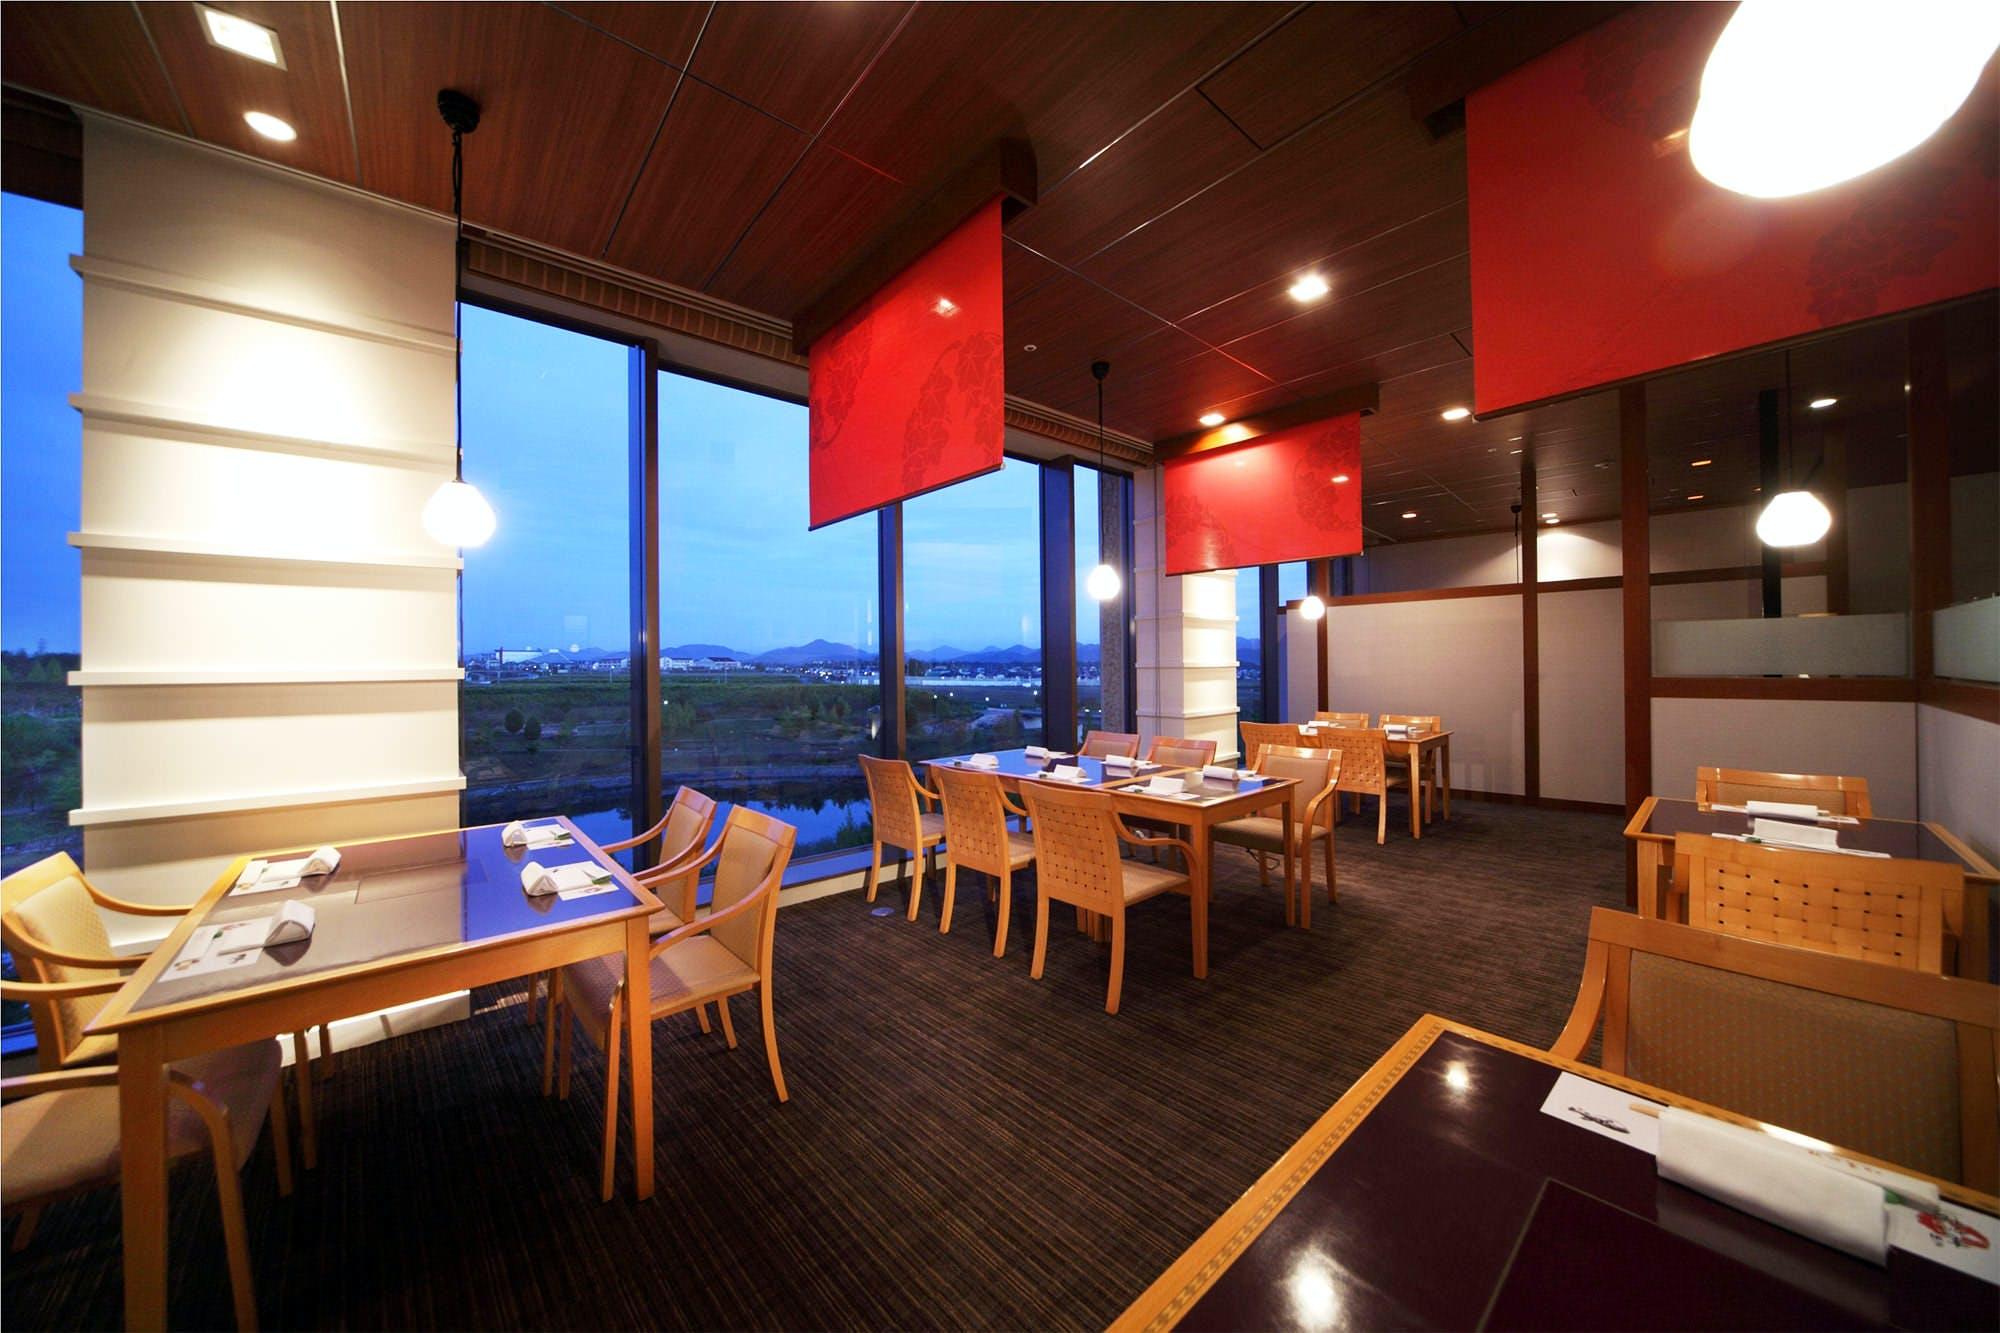 日本料理・ふく料理 三田 春帆楼/ザ・セレクトンプレミア 神戸三田ホテル